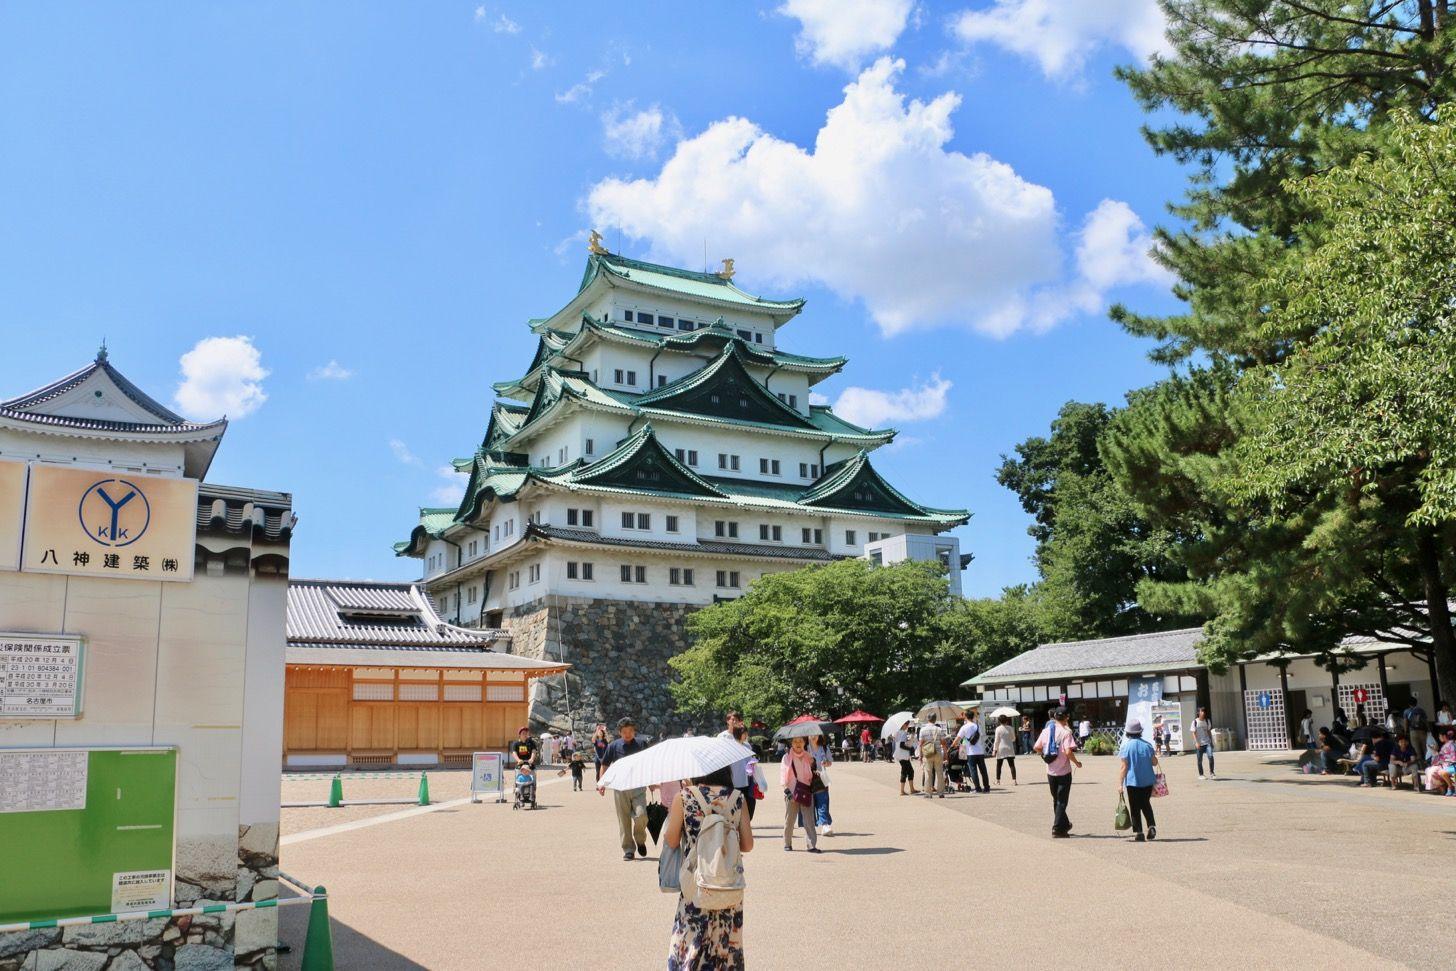 【名古屋城】「日本100名城に行こう」スタンプの設置場所 | 東京散歩ぽ